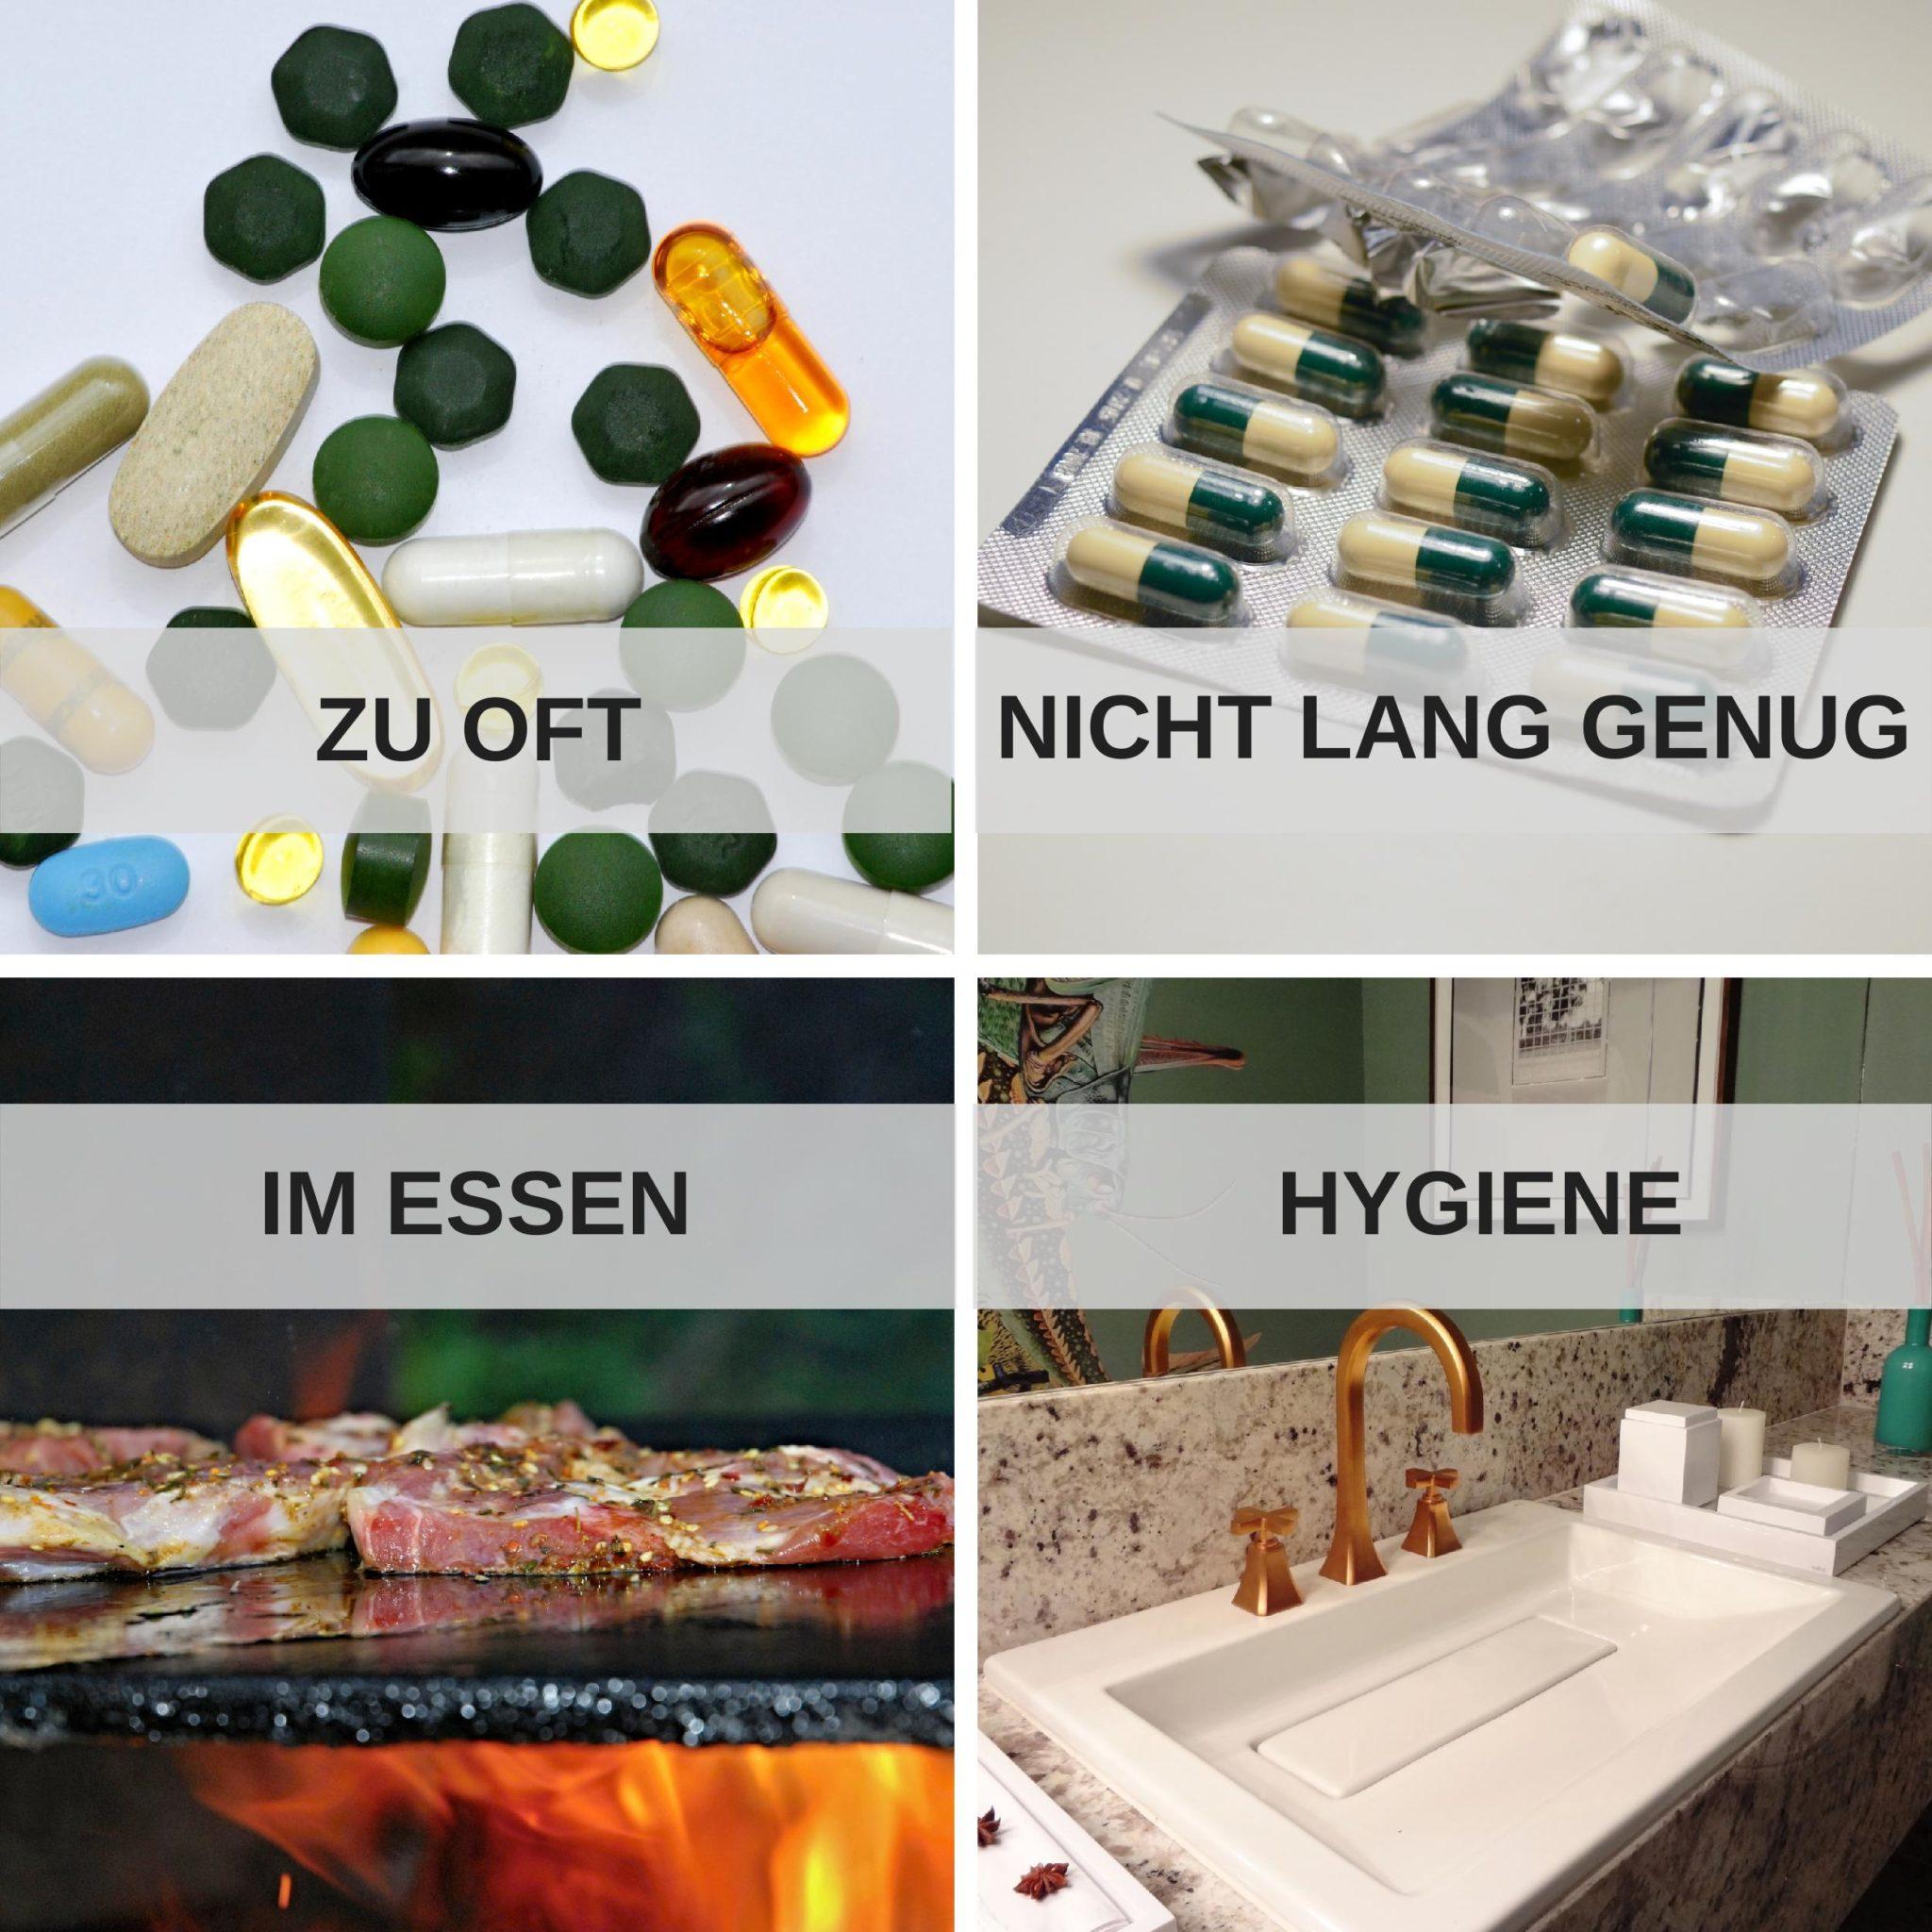 Ursachen für Antibiotikaresistenz